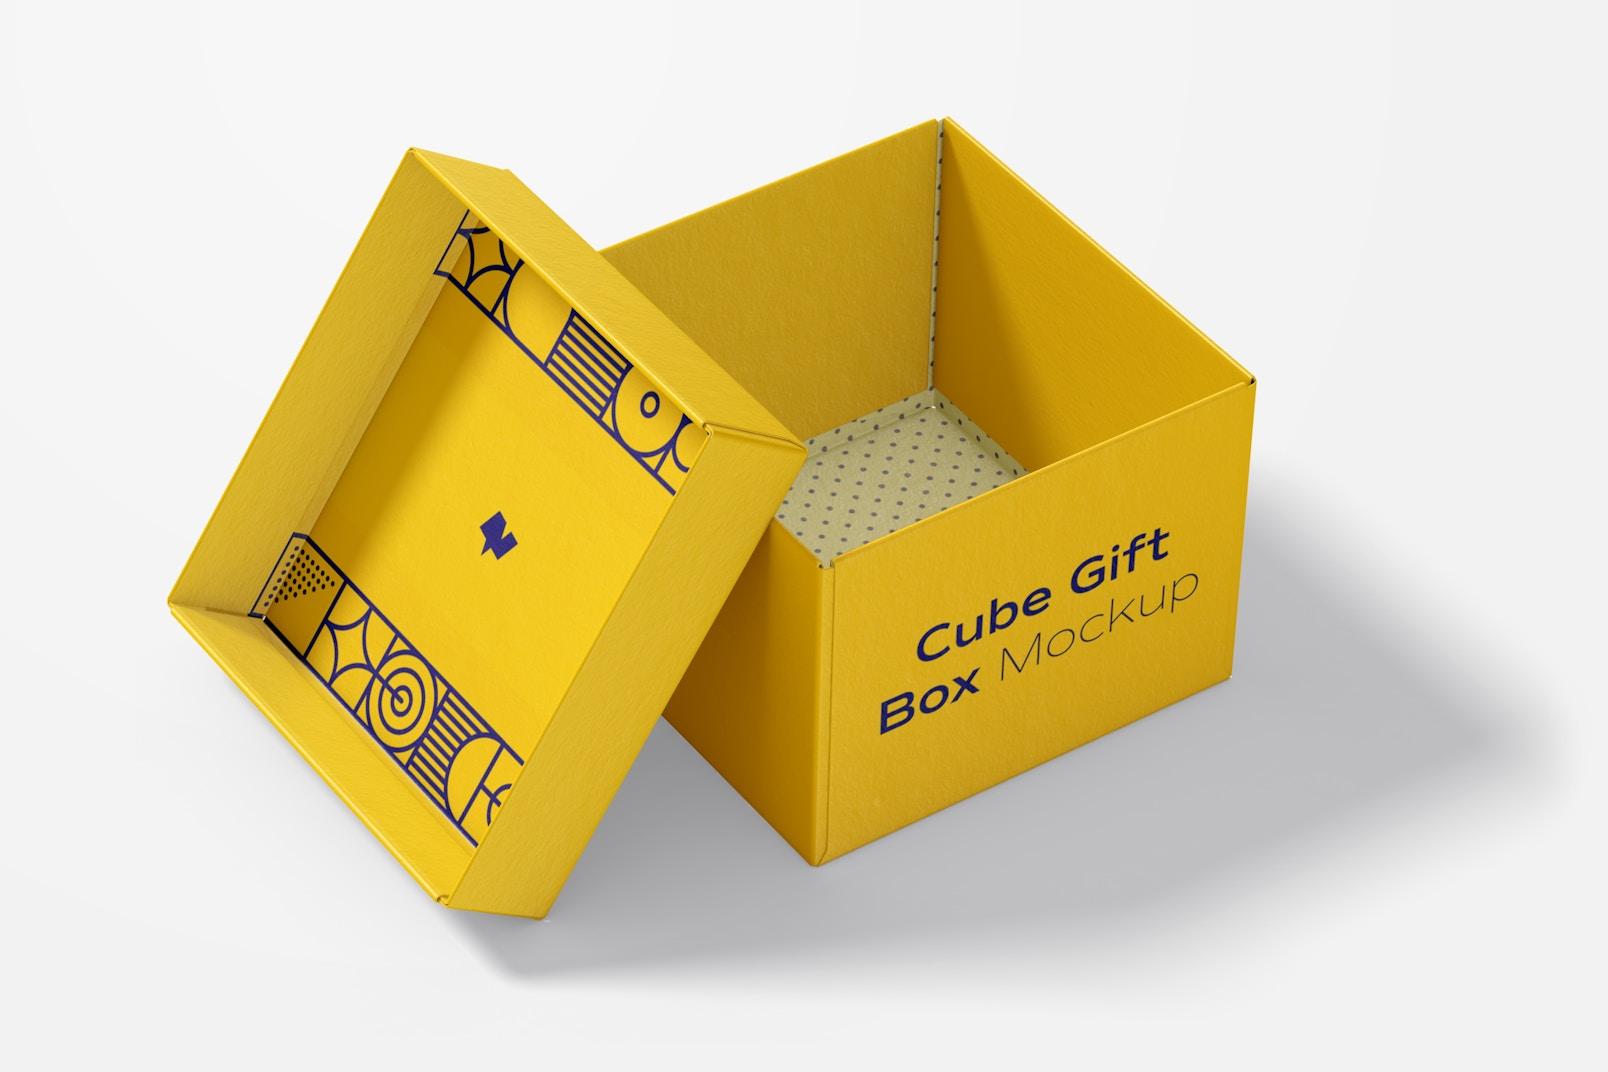 Cube Gift Box Mockup, Interior View